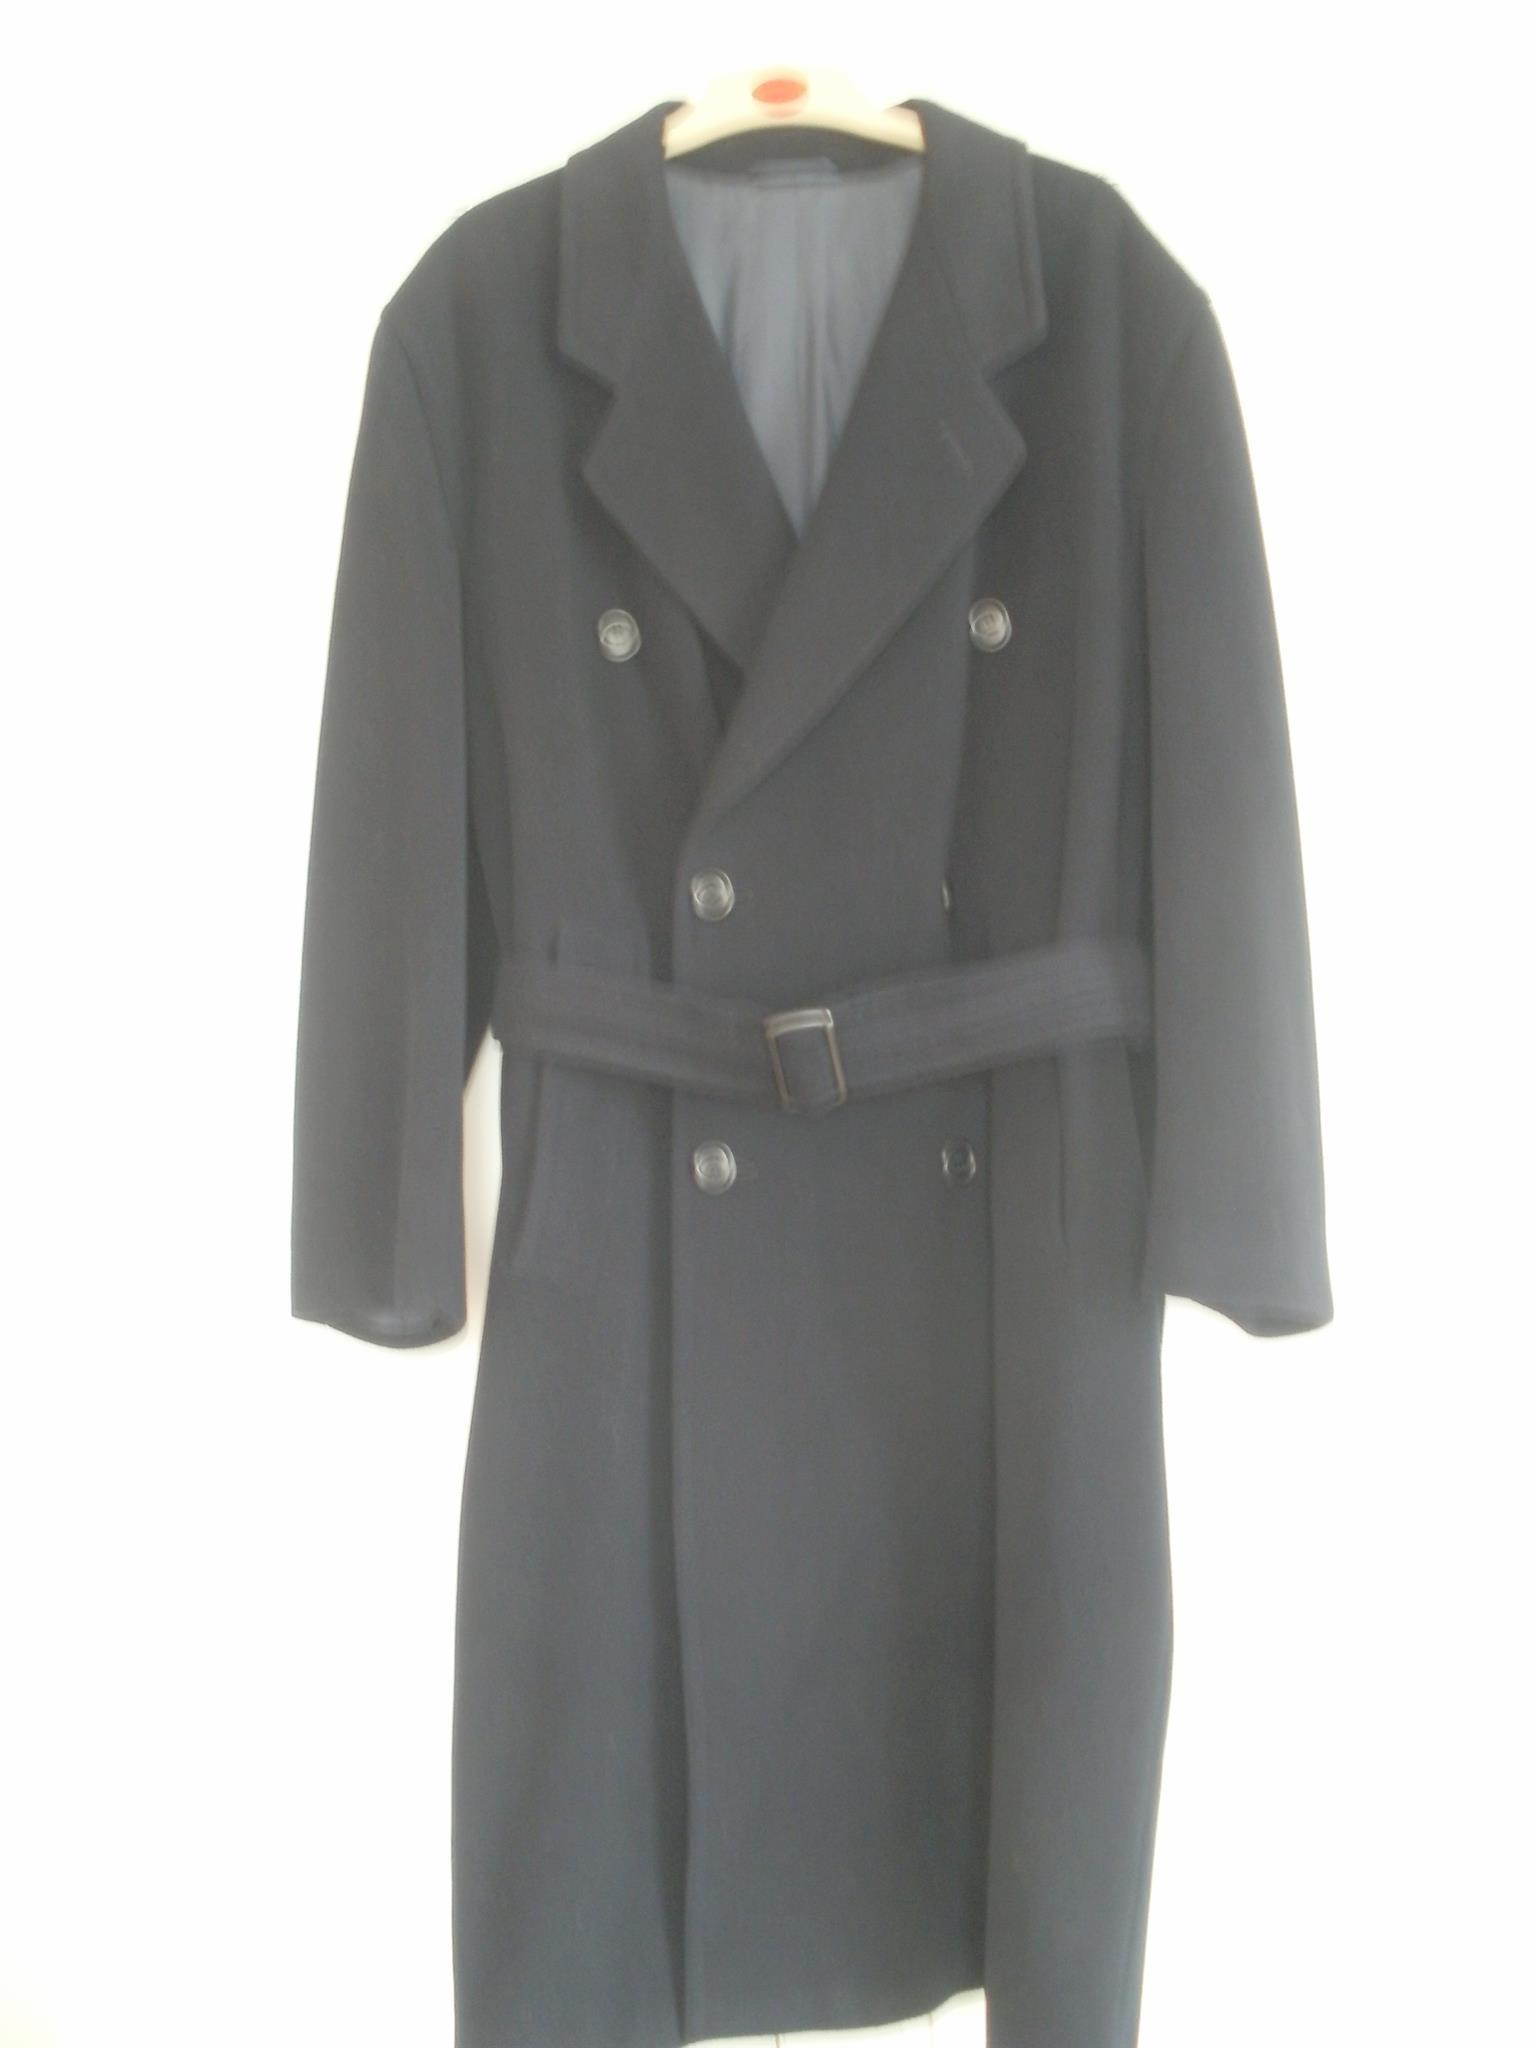 Hugo Boss Coat for sale